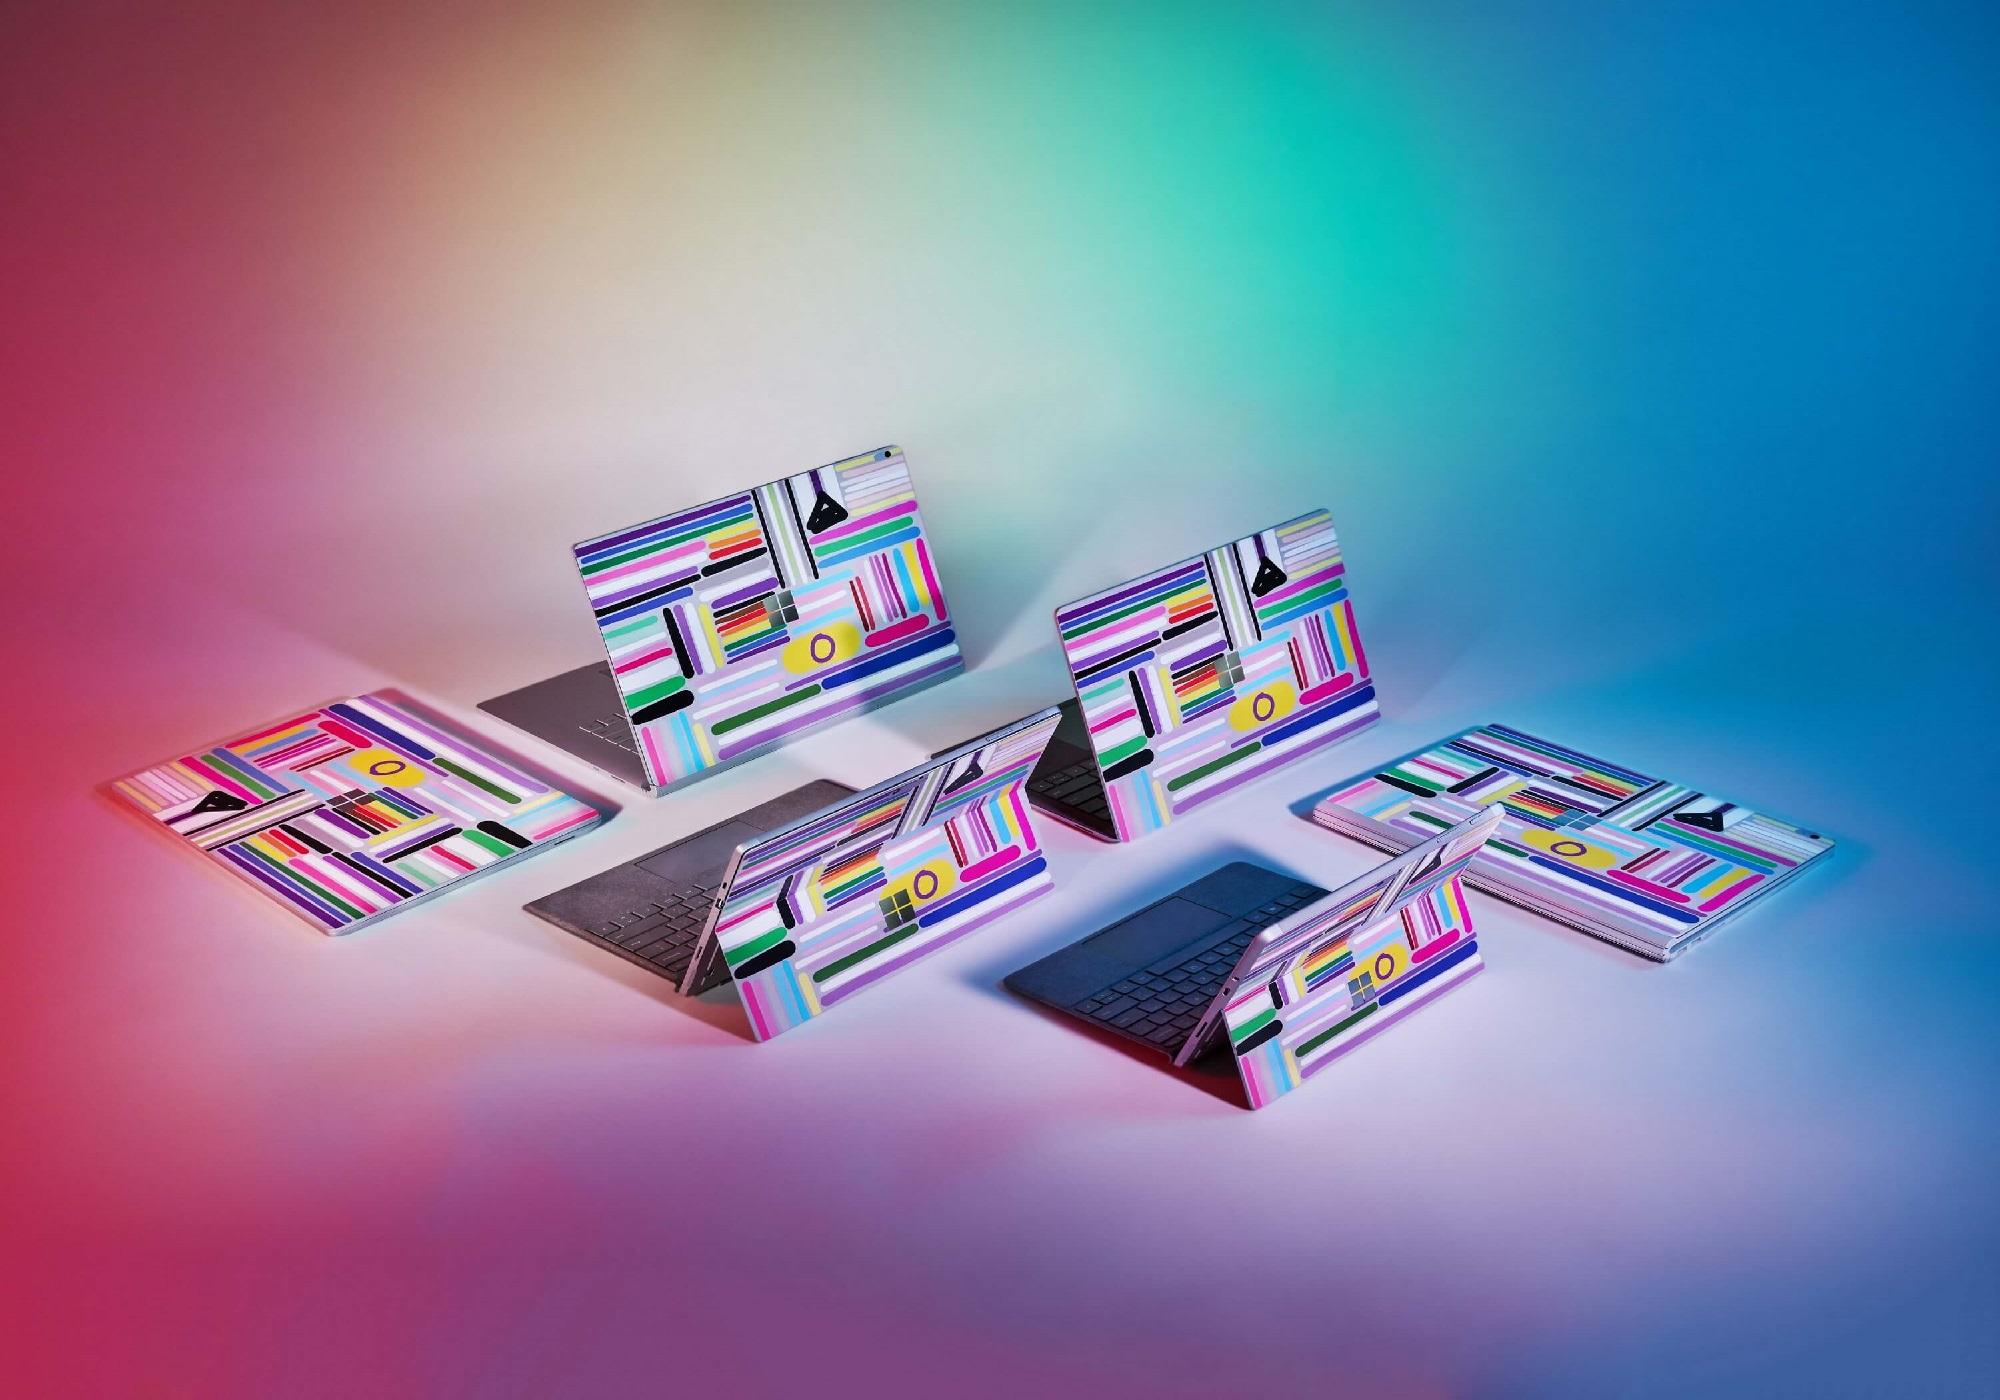 Microsoft supporta il Pride Month 2020 con una campagna globale thumbnail